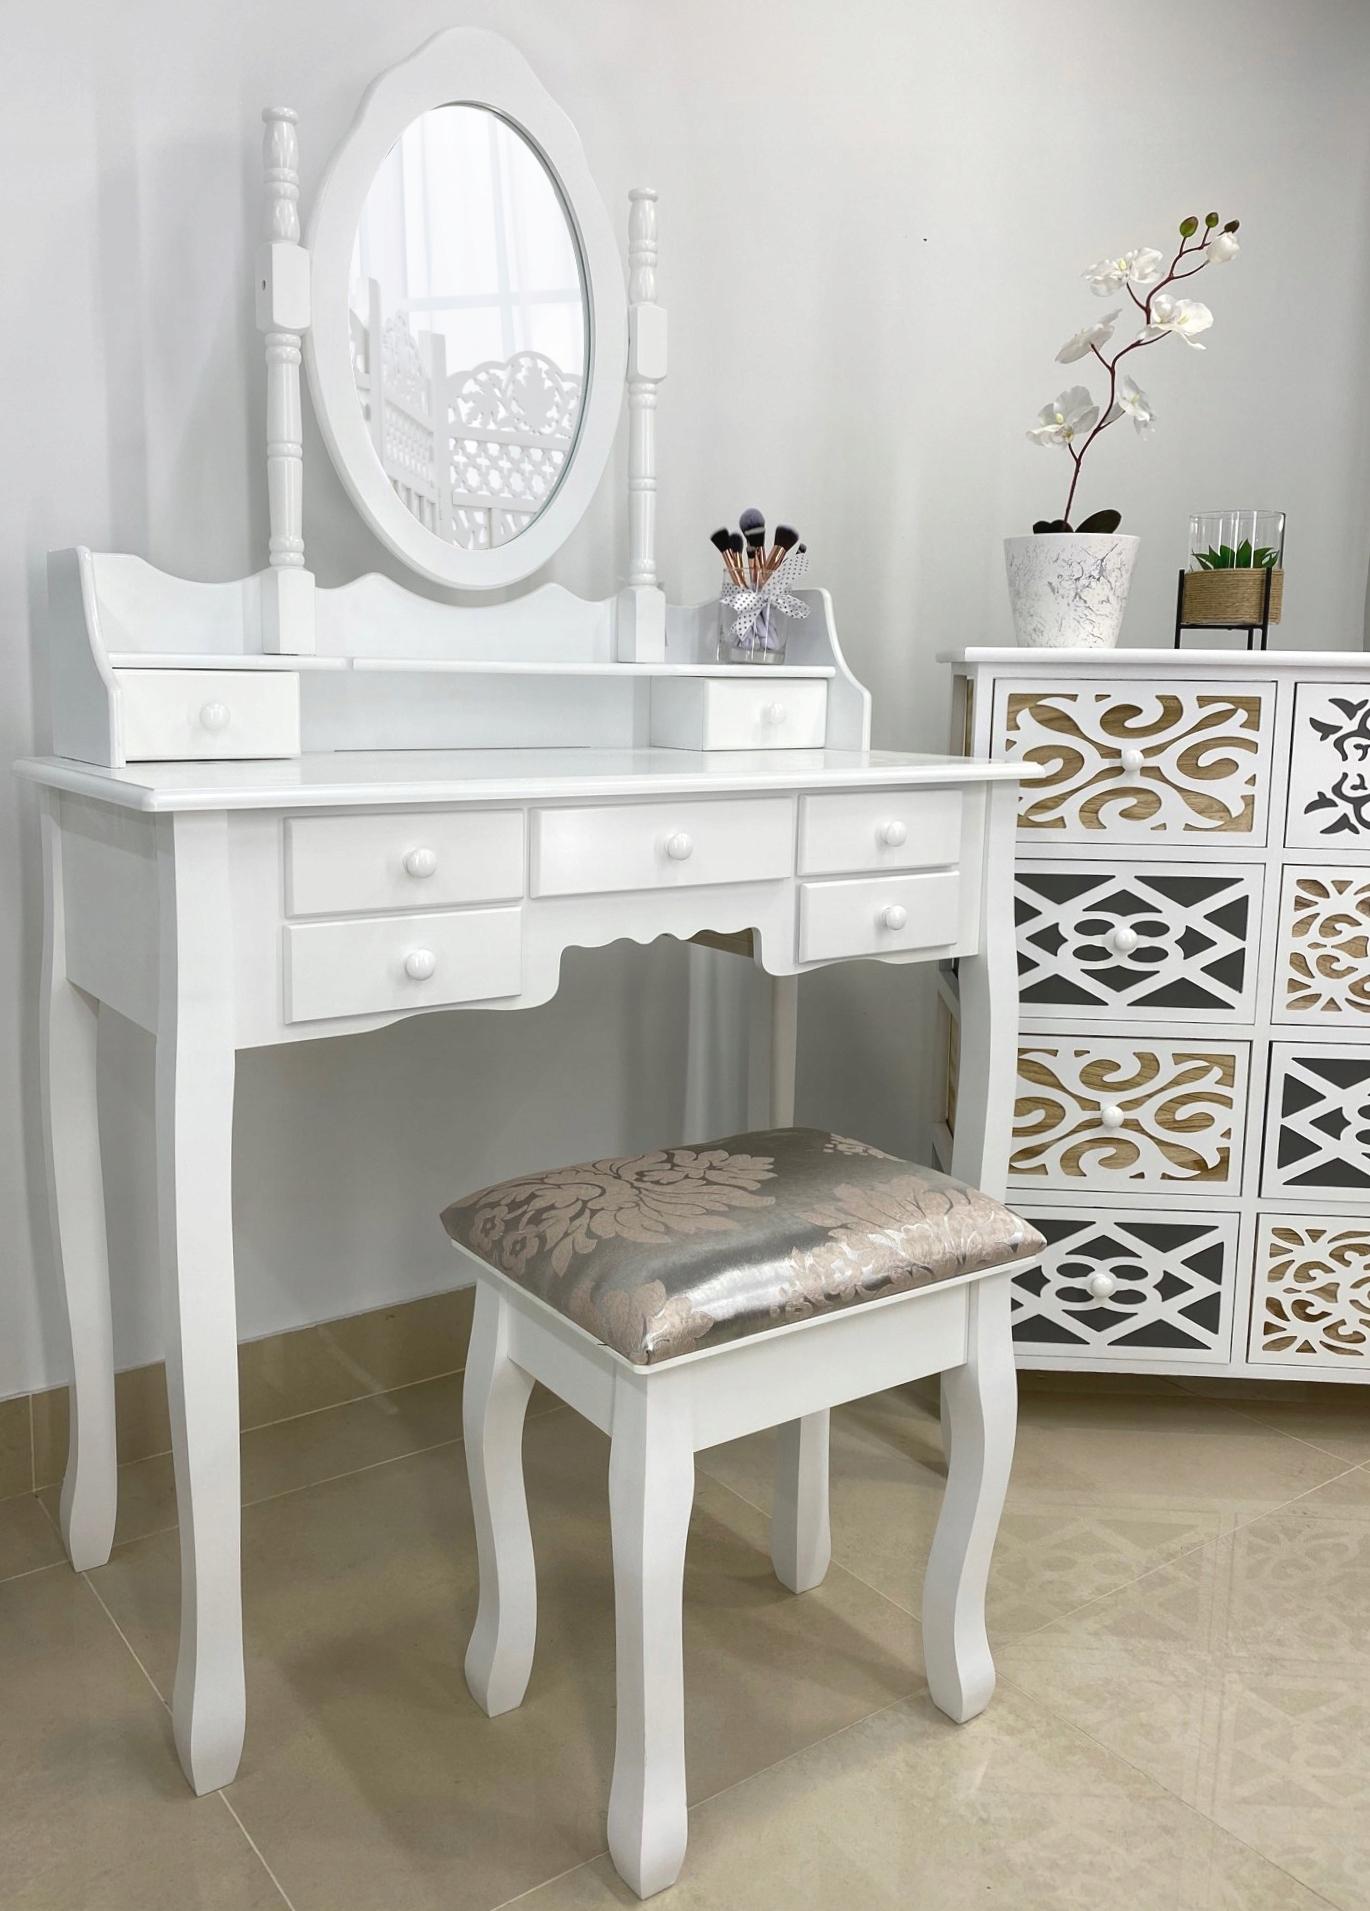 ТУАЛЕТ КОСМЕТИЧЕСКИЙ ГРАФИК ЗЕРКАЛЬНЫЙ СТОК!  Цвет мебели Белый